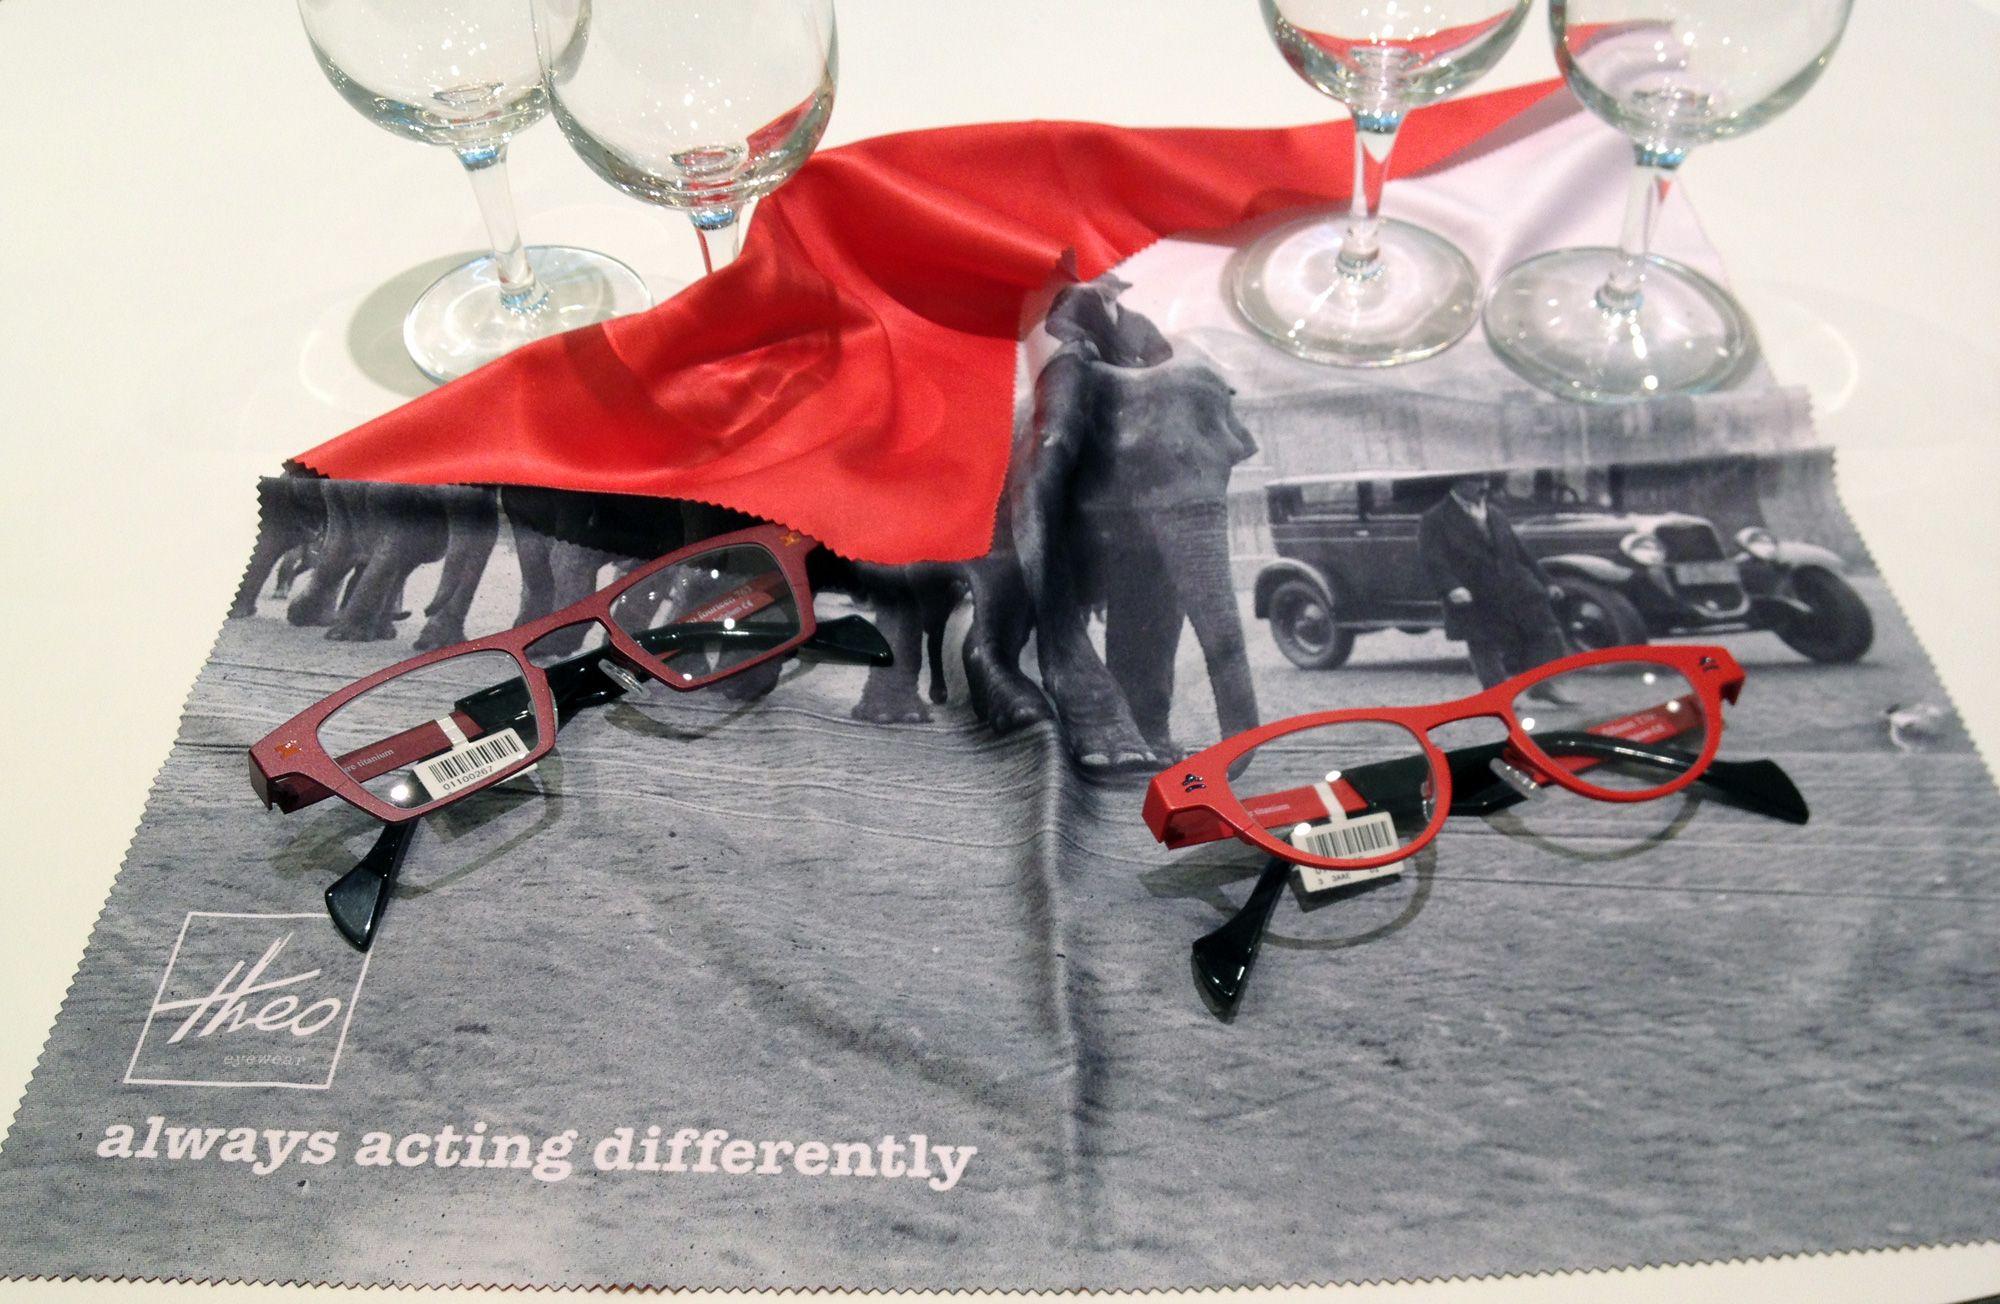 Zum Gläser putzen viel zu schade: Microfasertücher von Theo Eyewear mit tollen Motiven gibt es bei der Augenweide in Köln